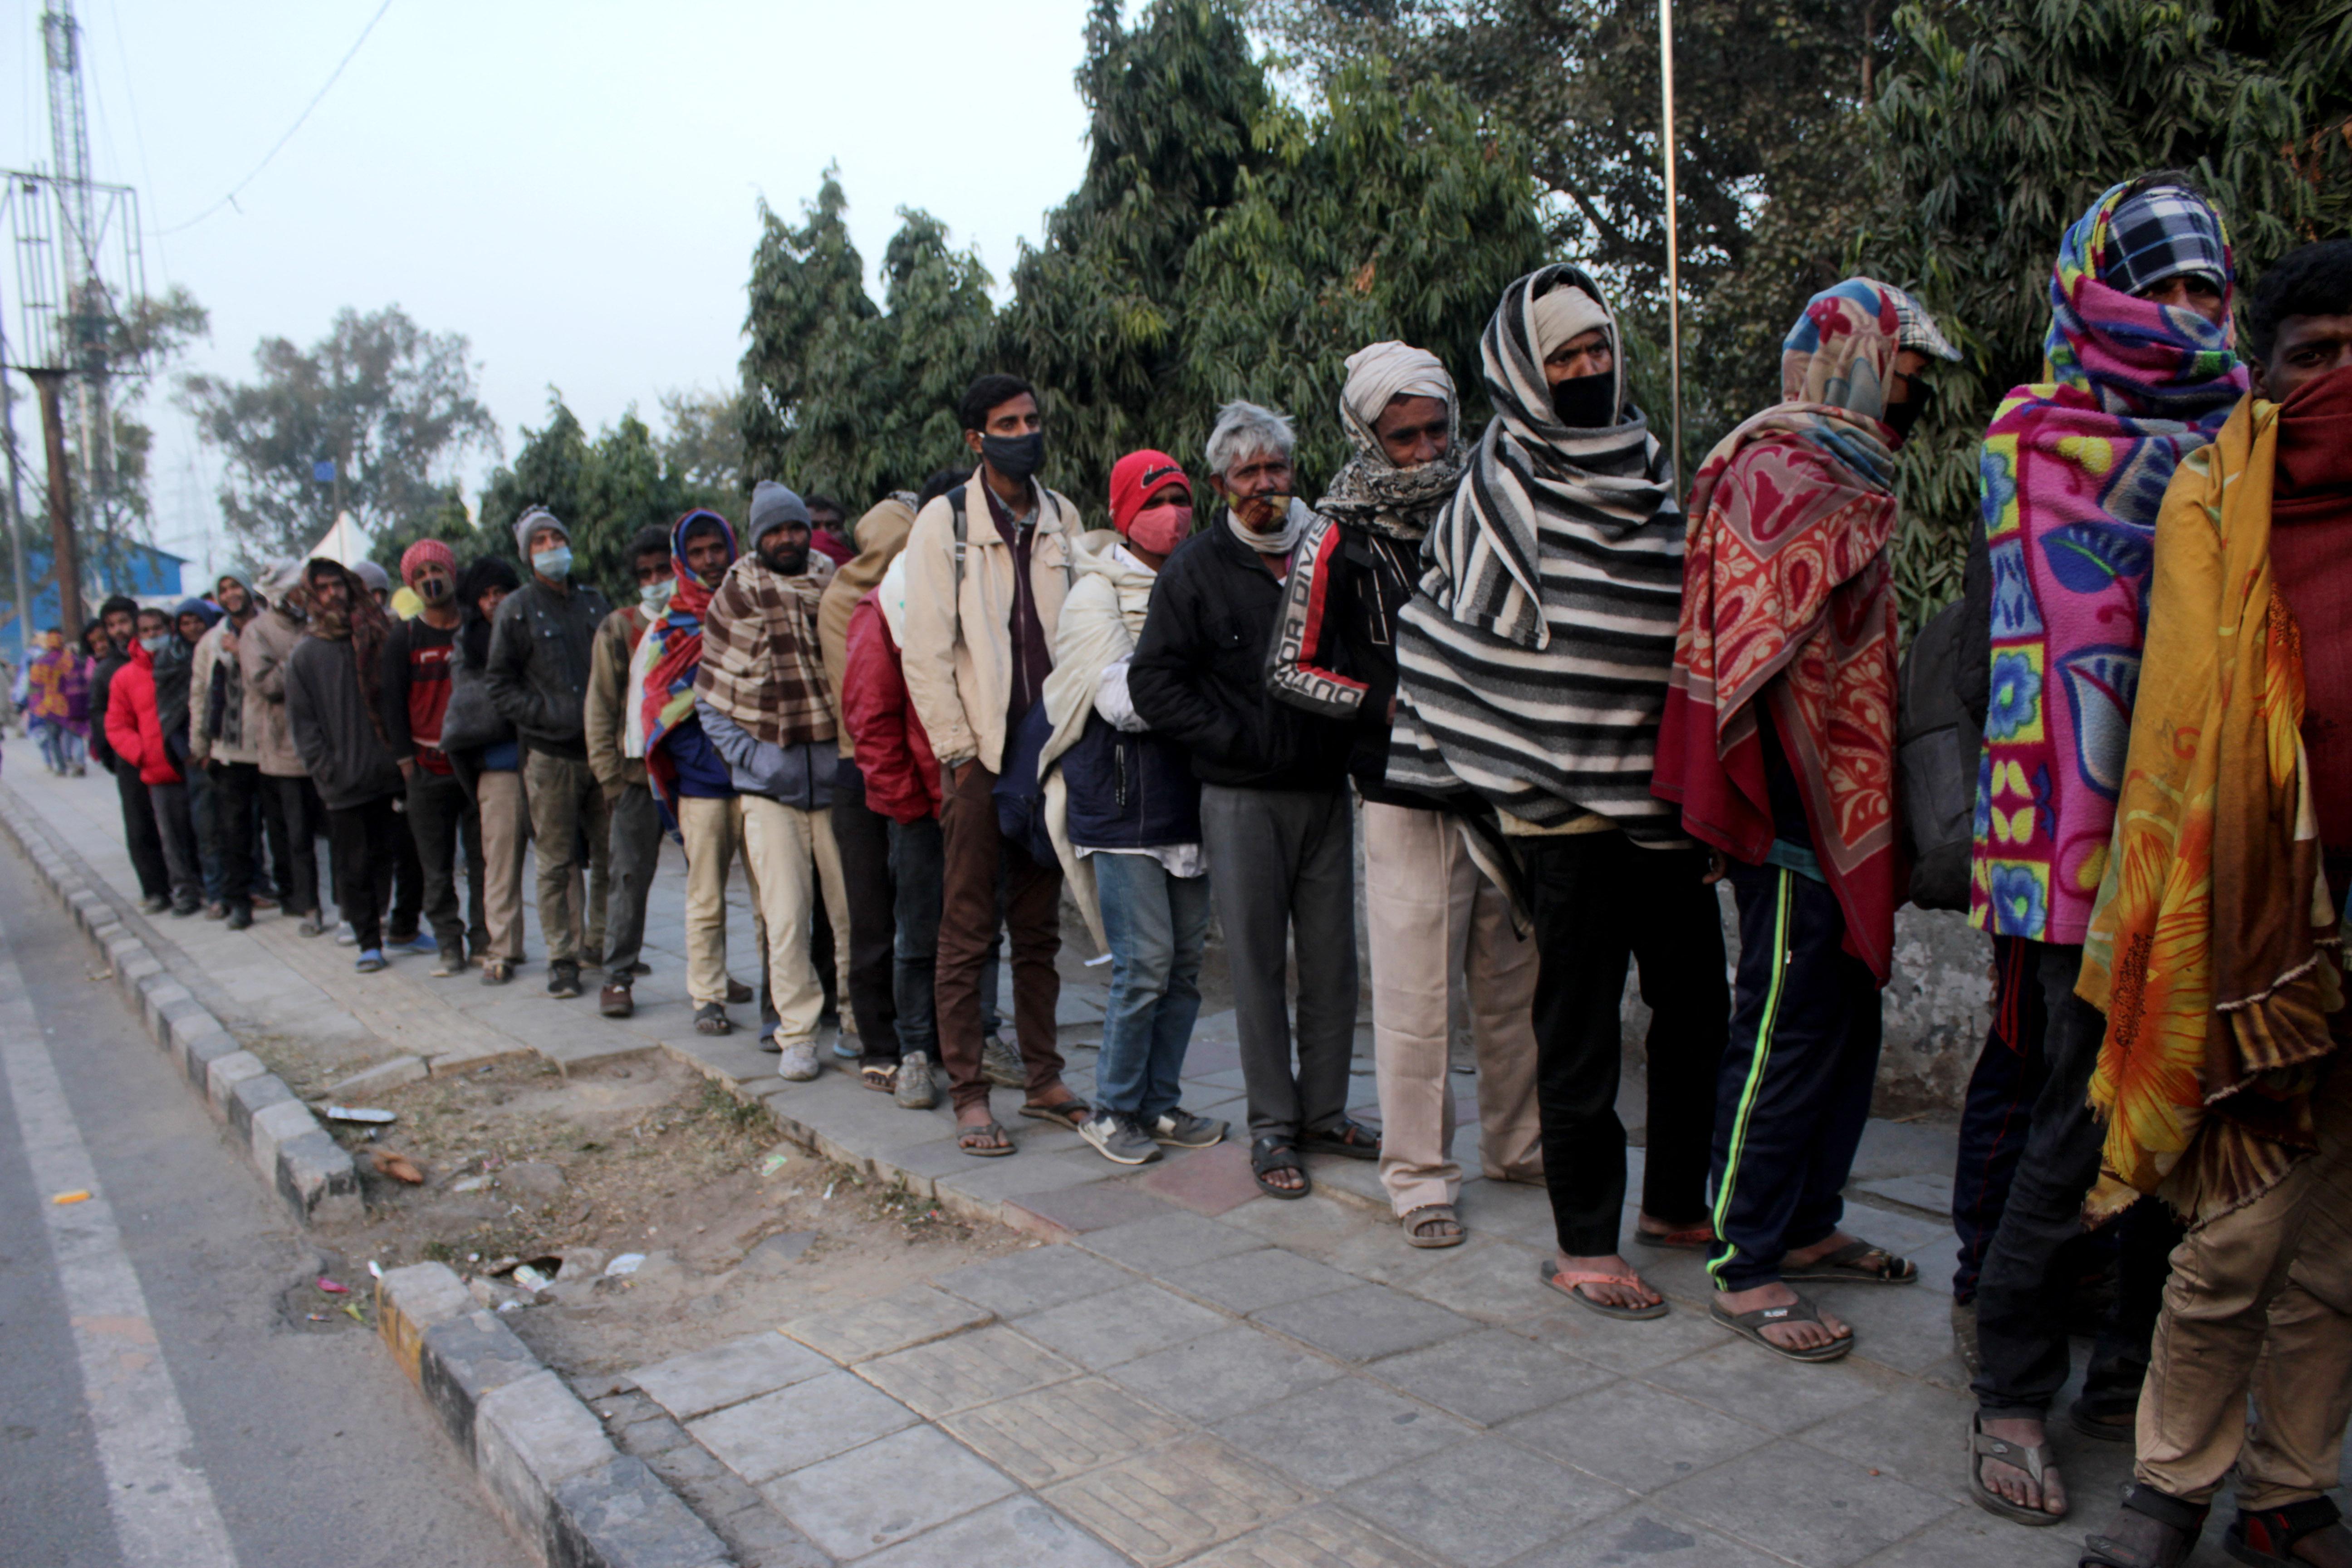 Hajléktalanként szinte lehetetlen oltáshoz jutni Indiában